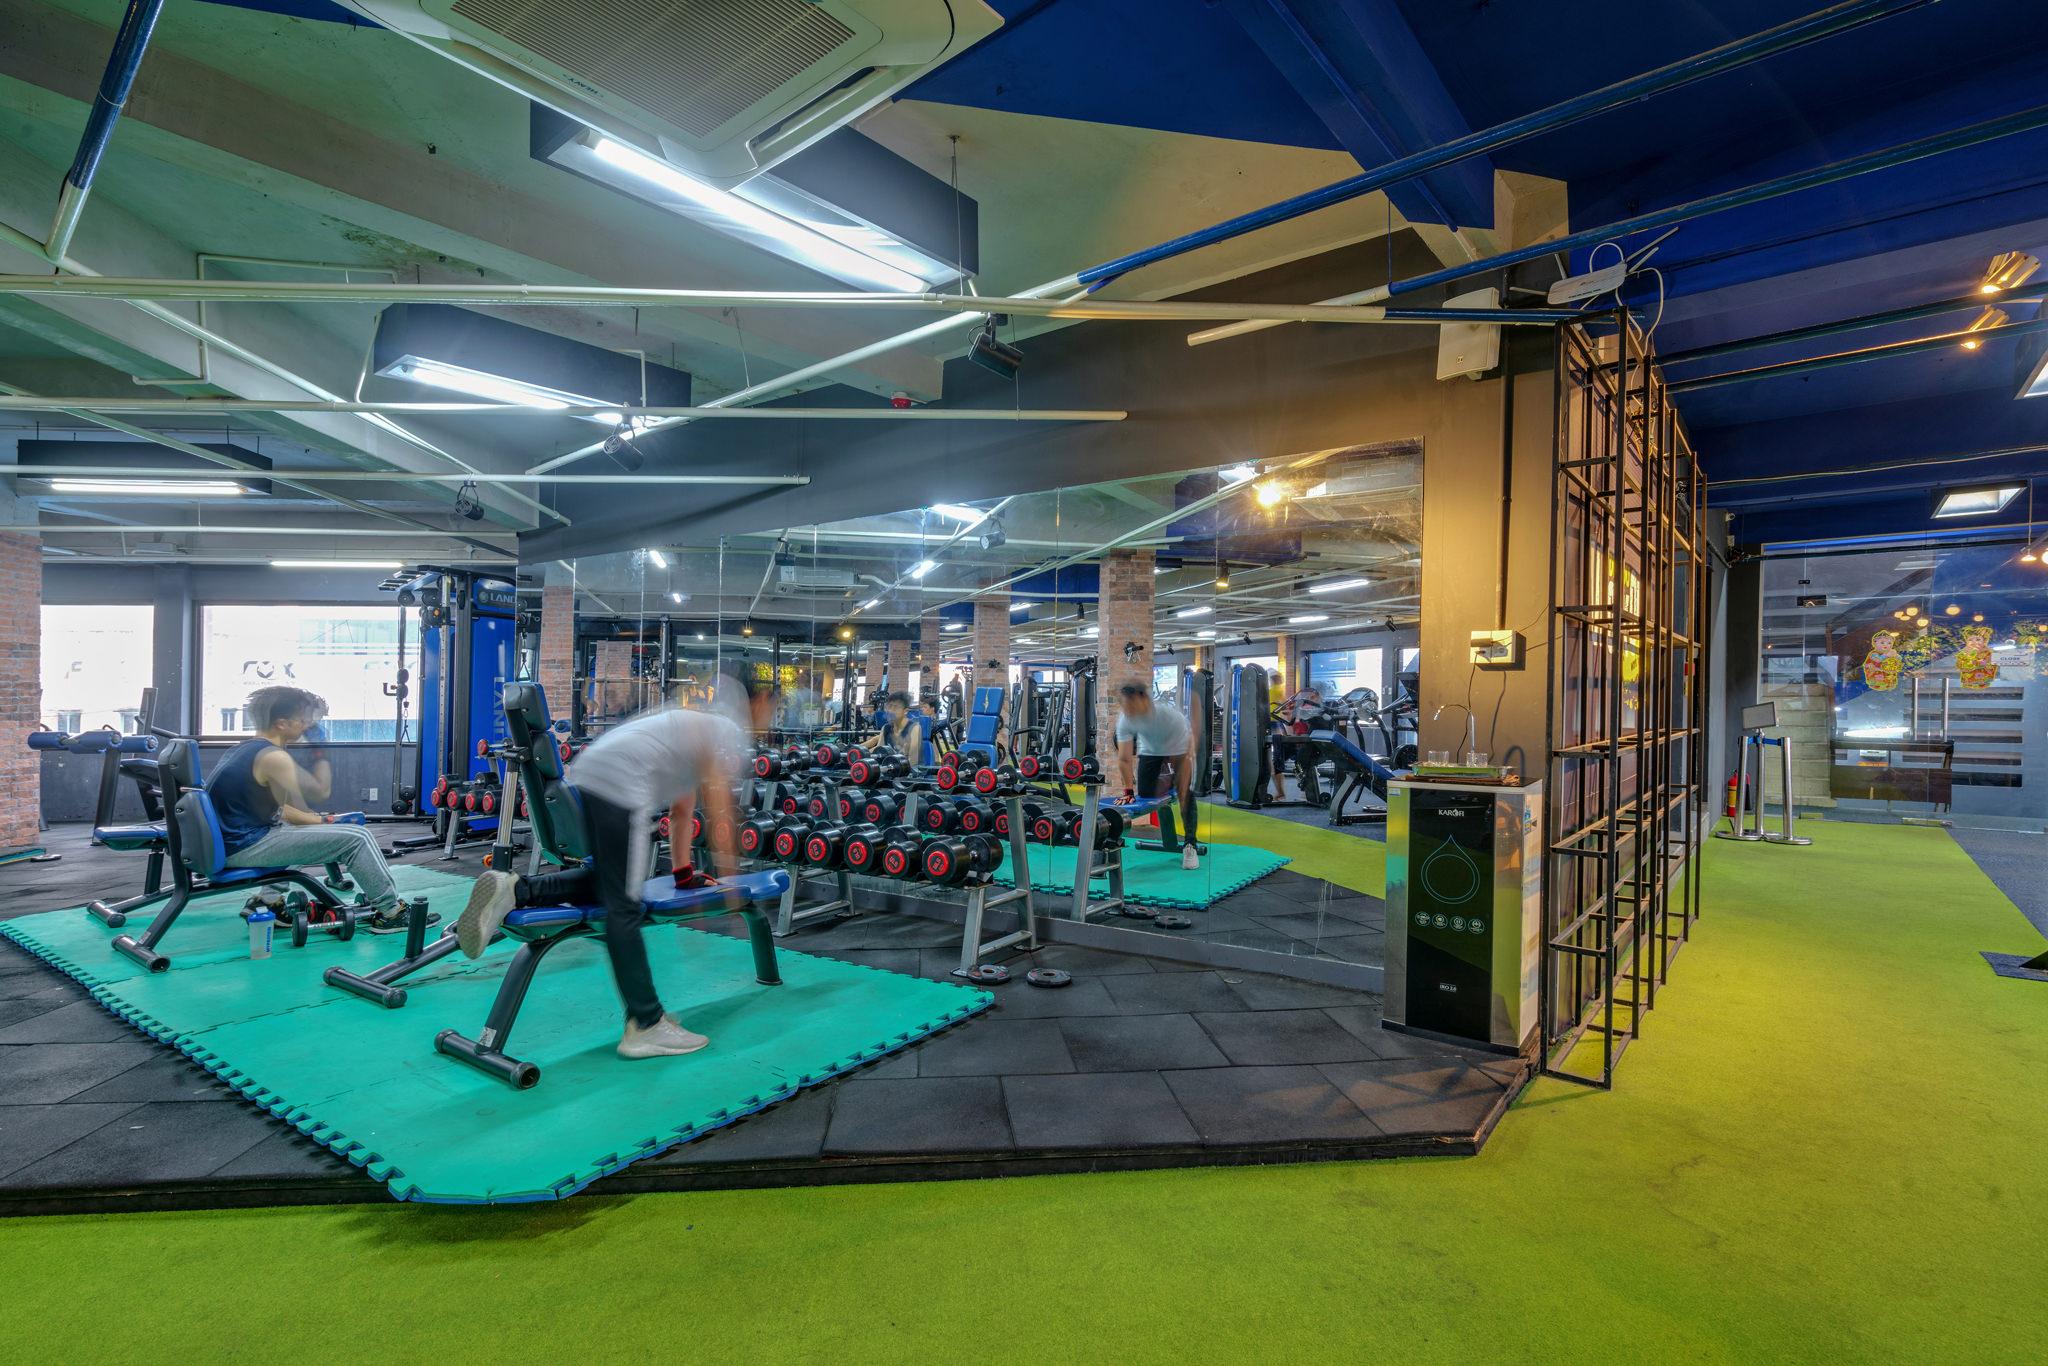 20180504 - Fox fitness - Interior - 26.jpg